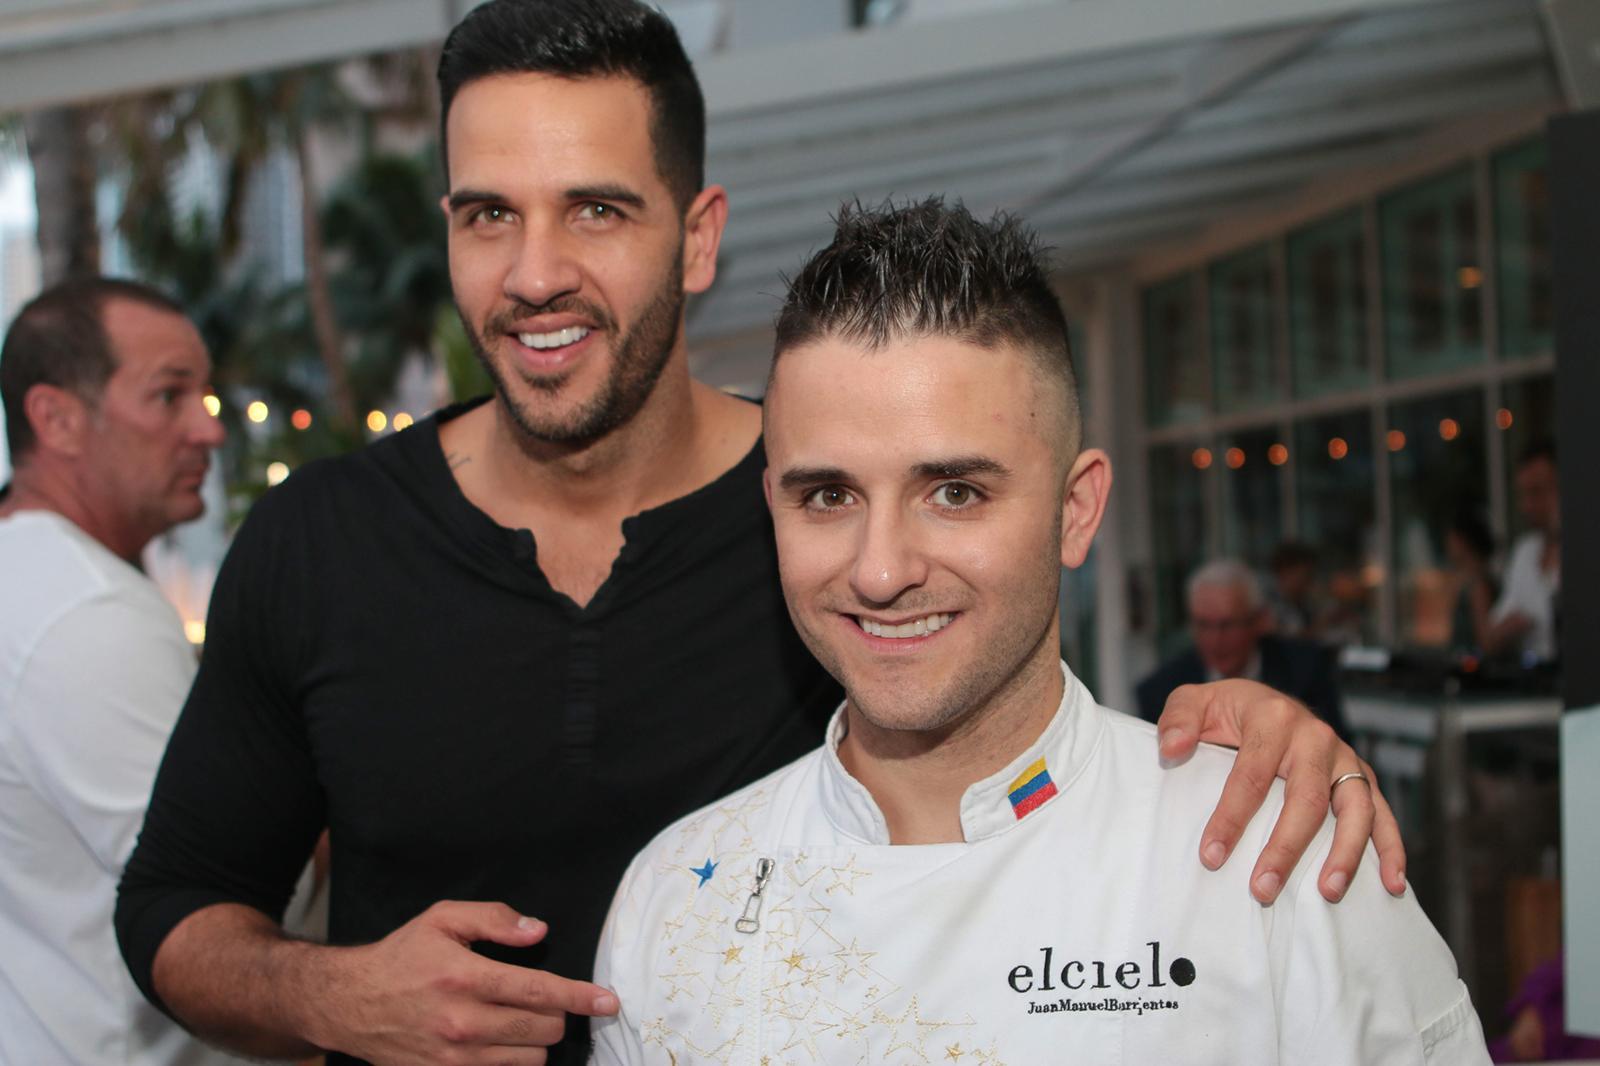 Juan Manuel Barrientos en El cielo en Miami celebrando el lanzamiento de su libro La receta del éxito (40 claves para convertirse en un emprendedor exitoso).